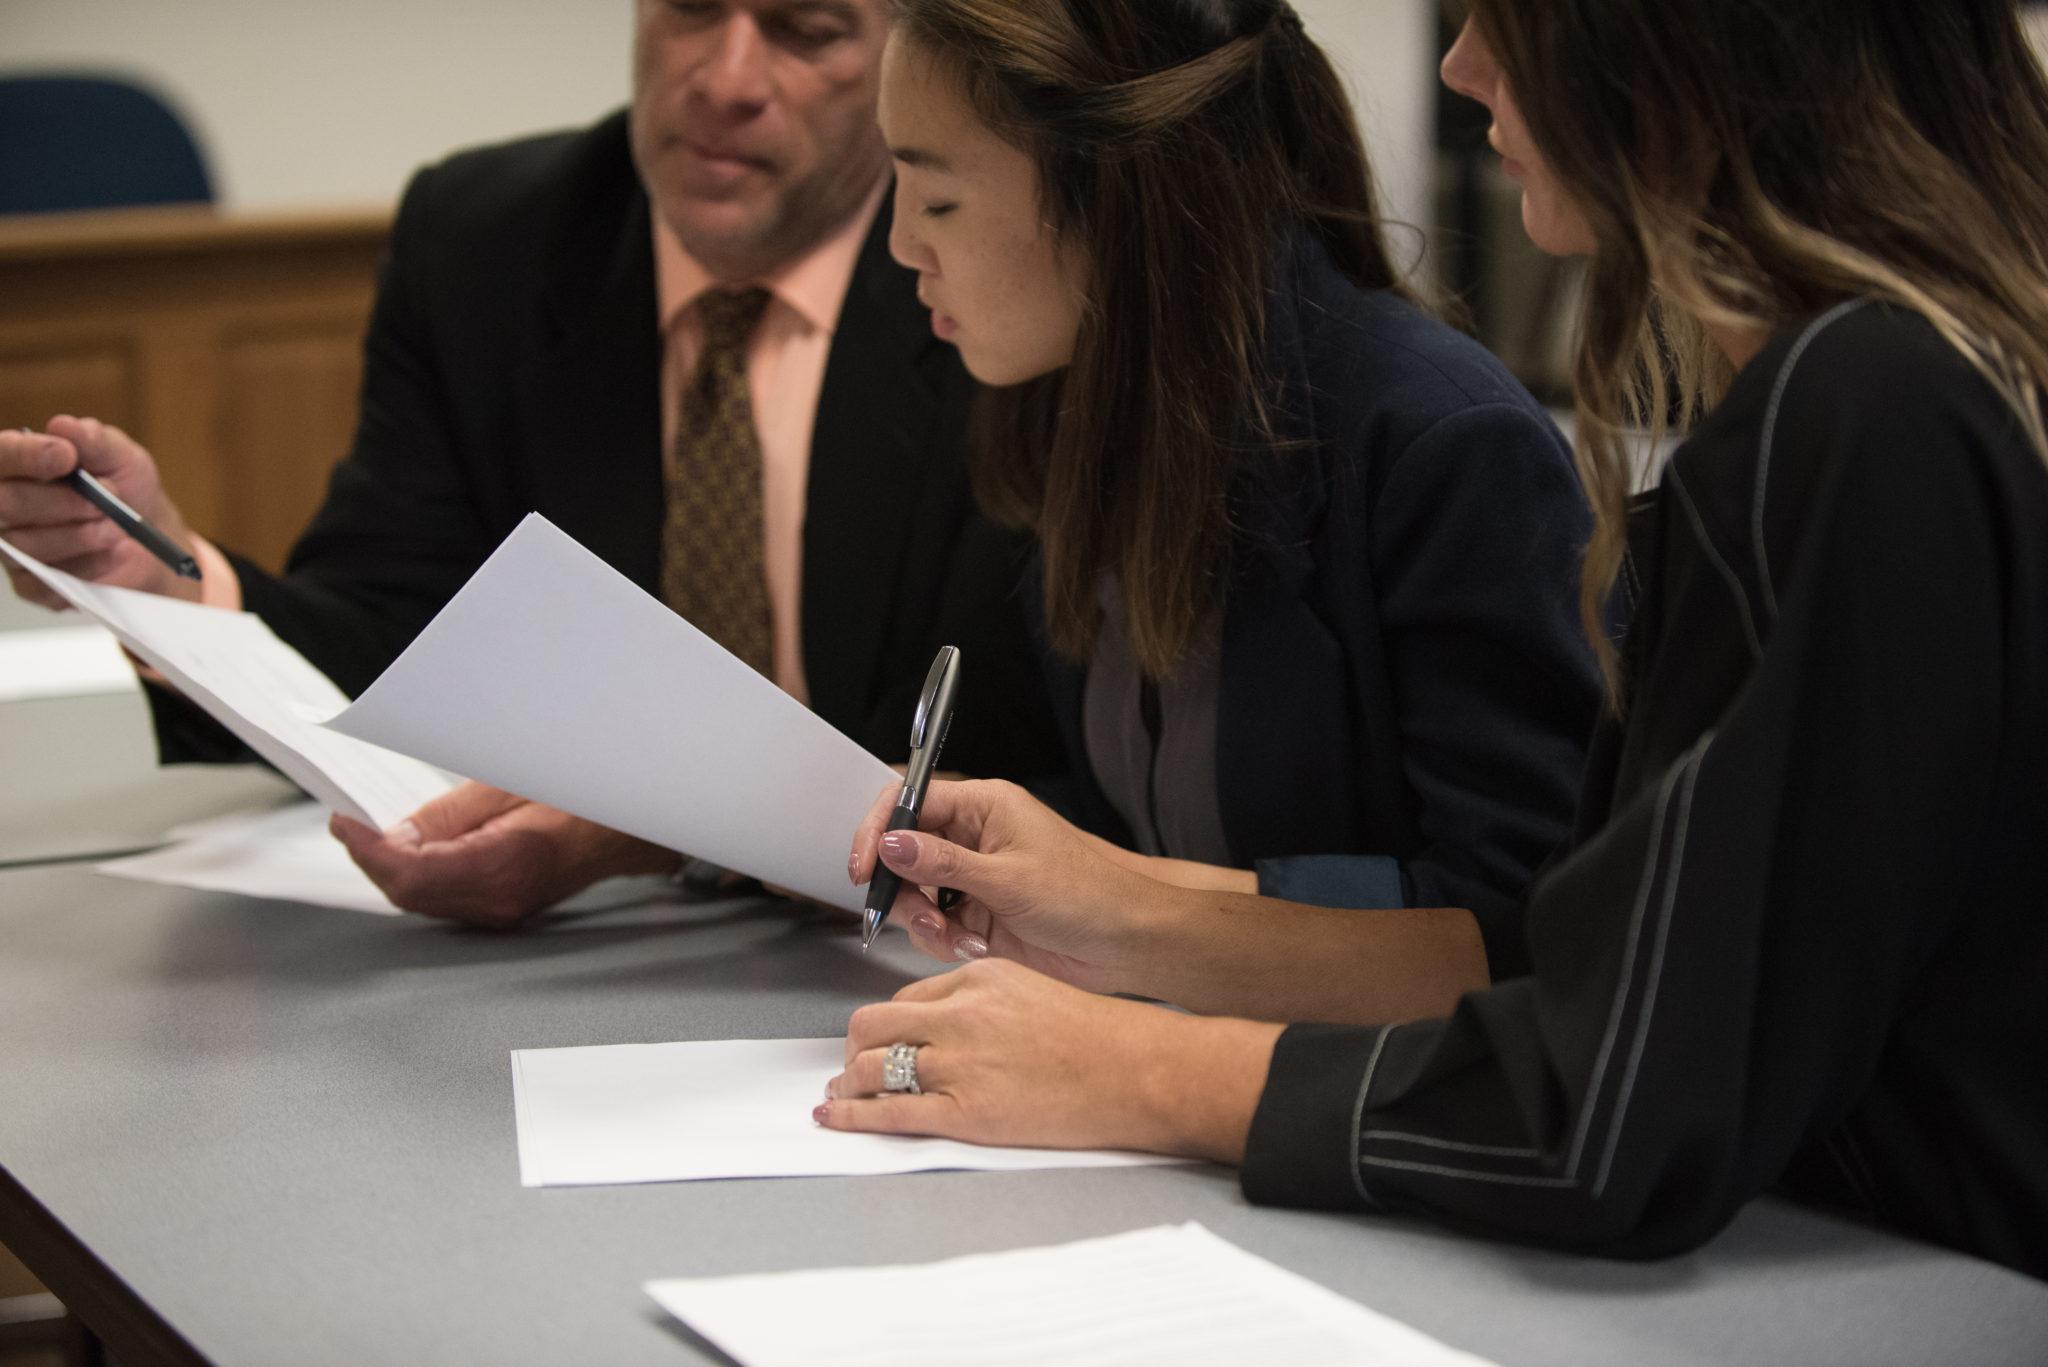 JFKU Legal Clinics